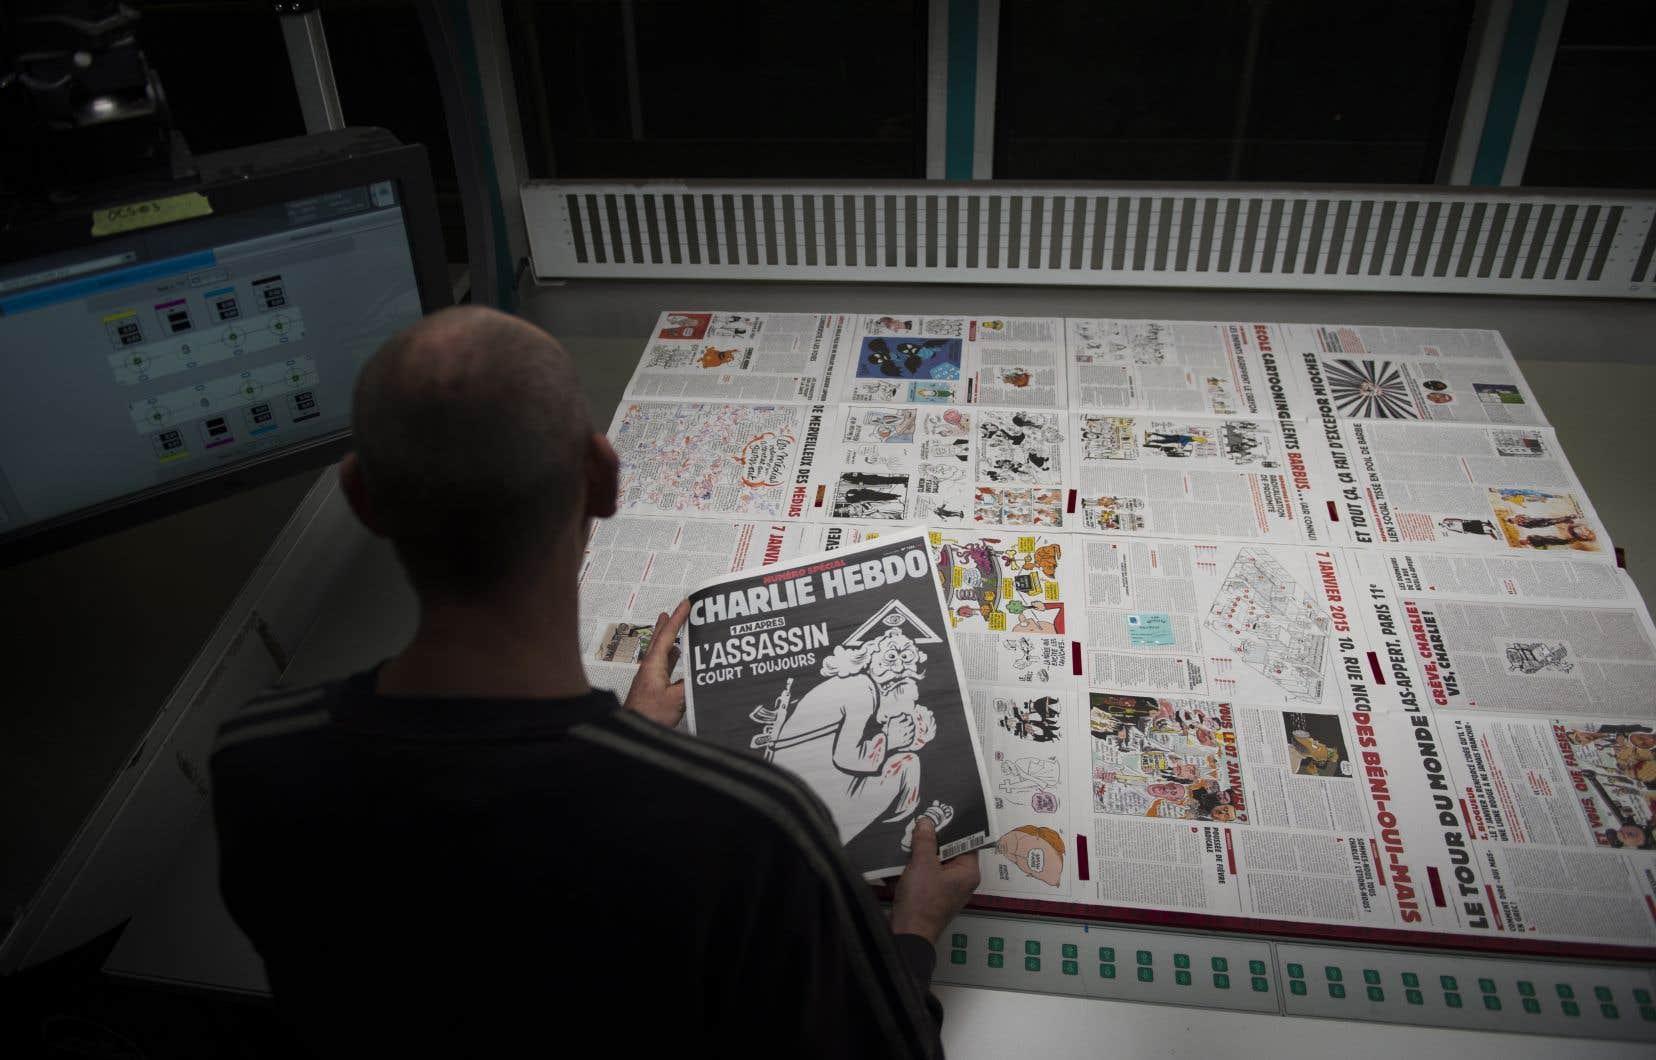 Le chiffre d'affaires du journal est tombé à 19,4millions d'euros en 2016, après un record en 2015 (plus de 60millions d'euros), selon des chiffres de la chaîne BFM Business confirmés à l'AFP.